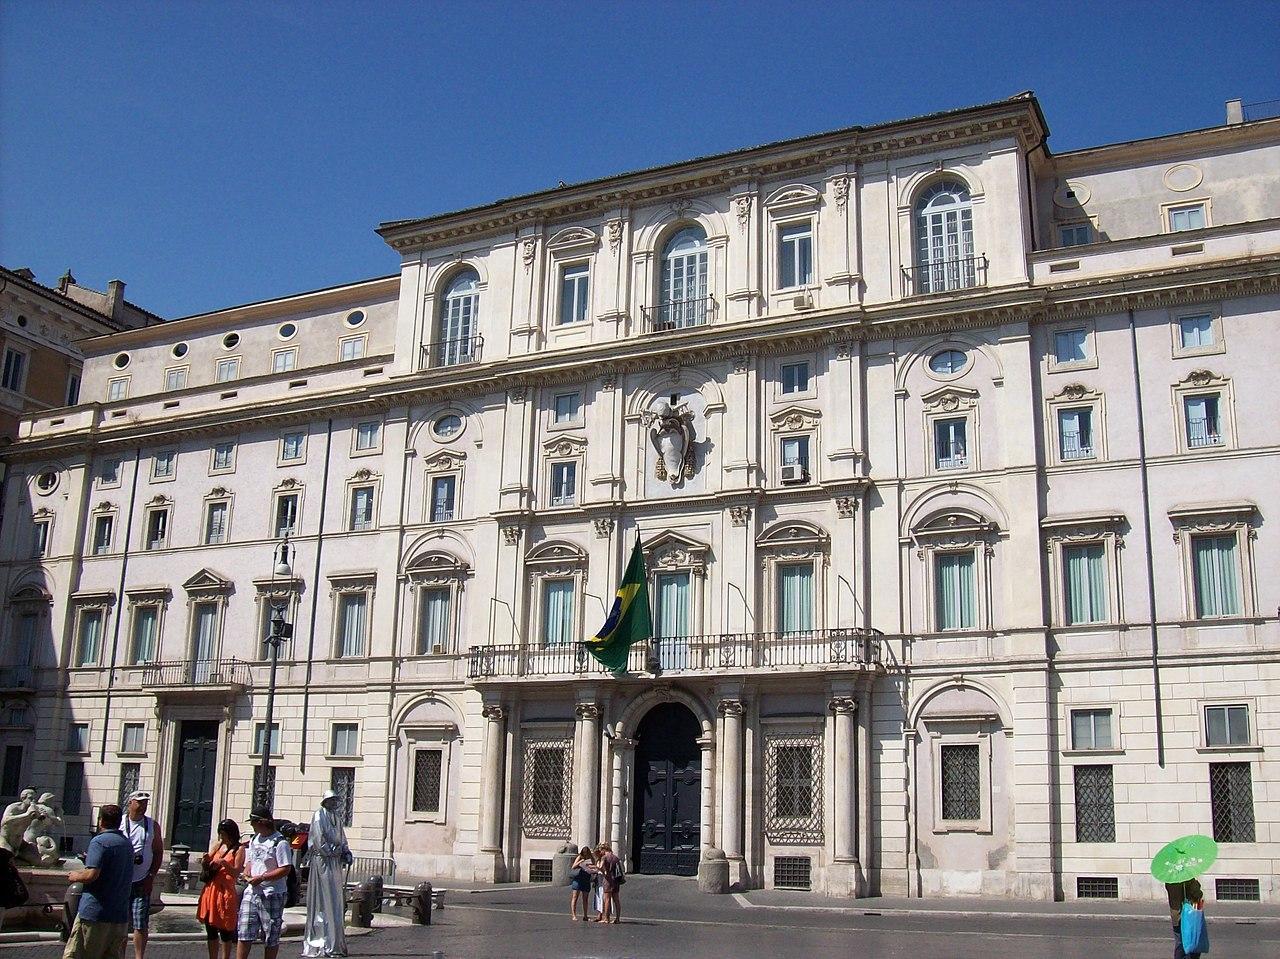 1280px-Roma_2011_08_07_Ambasciata_del_Brasile_in_Italia.jpg?uselang=de